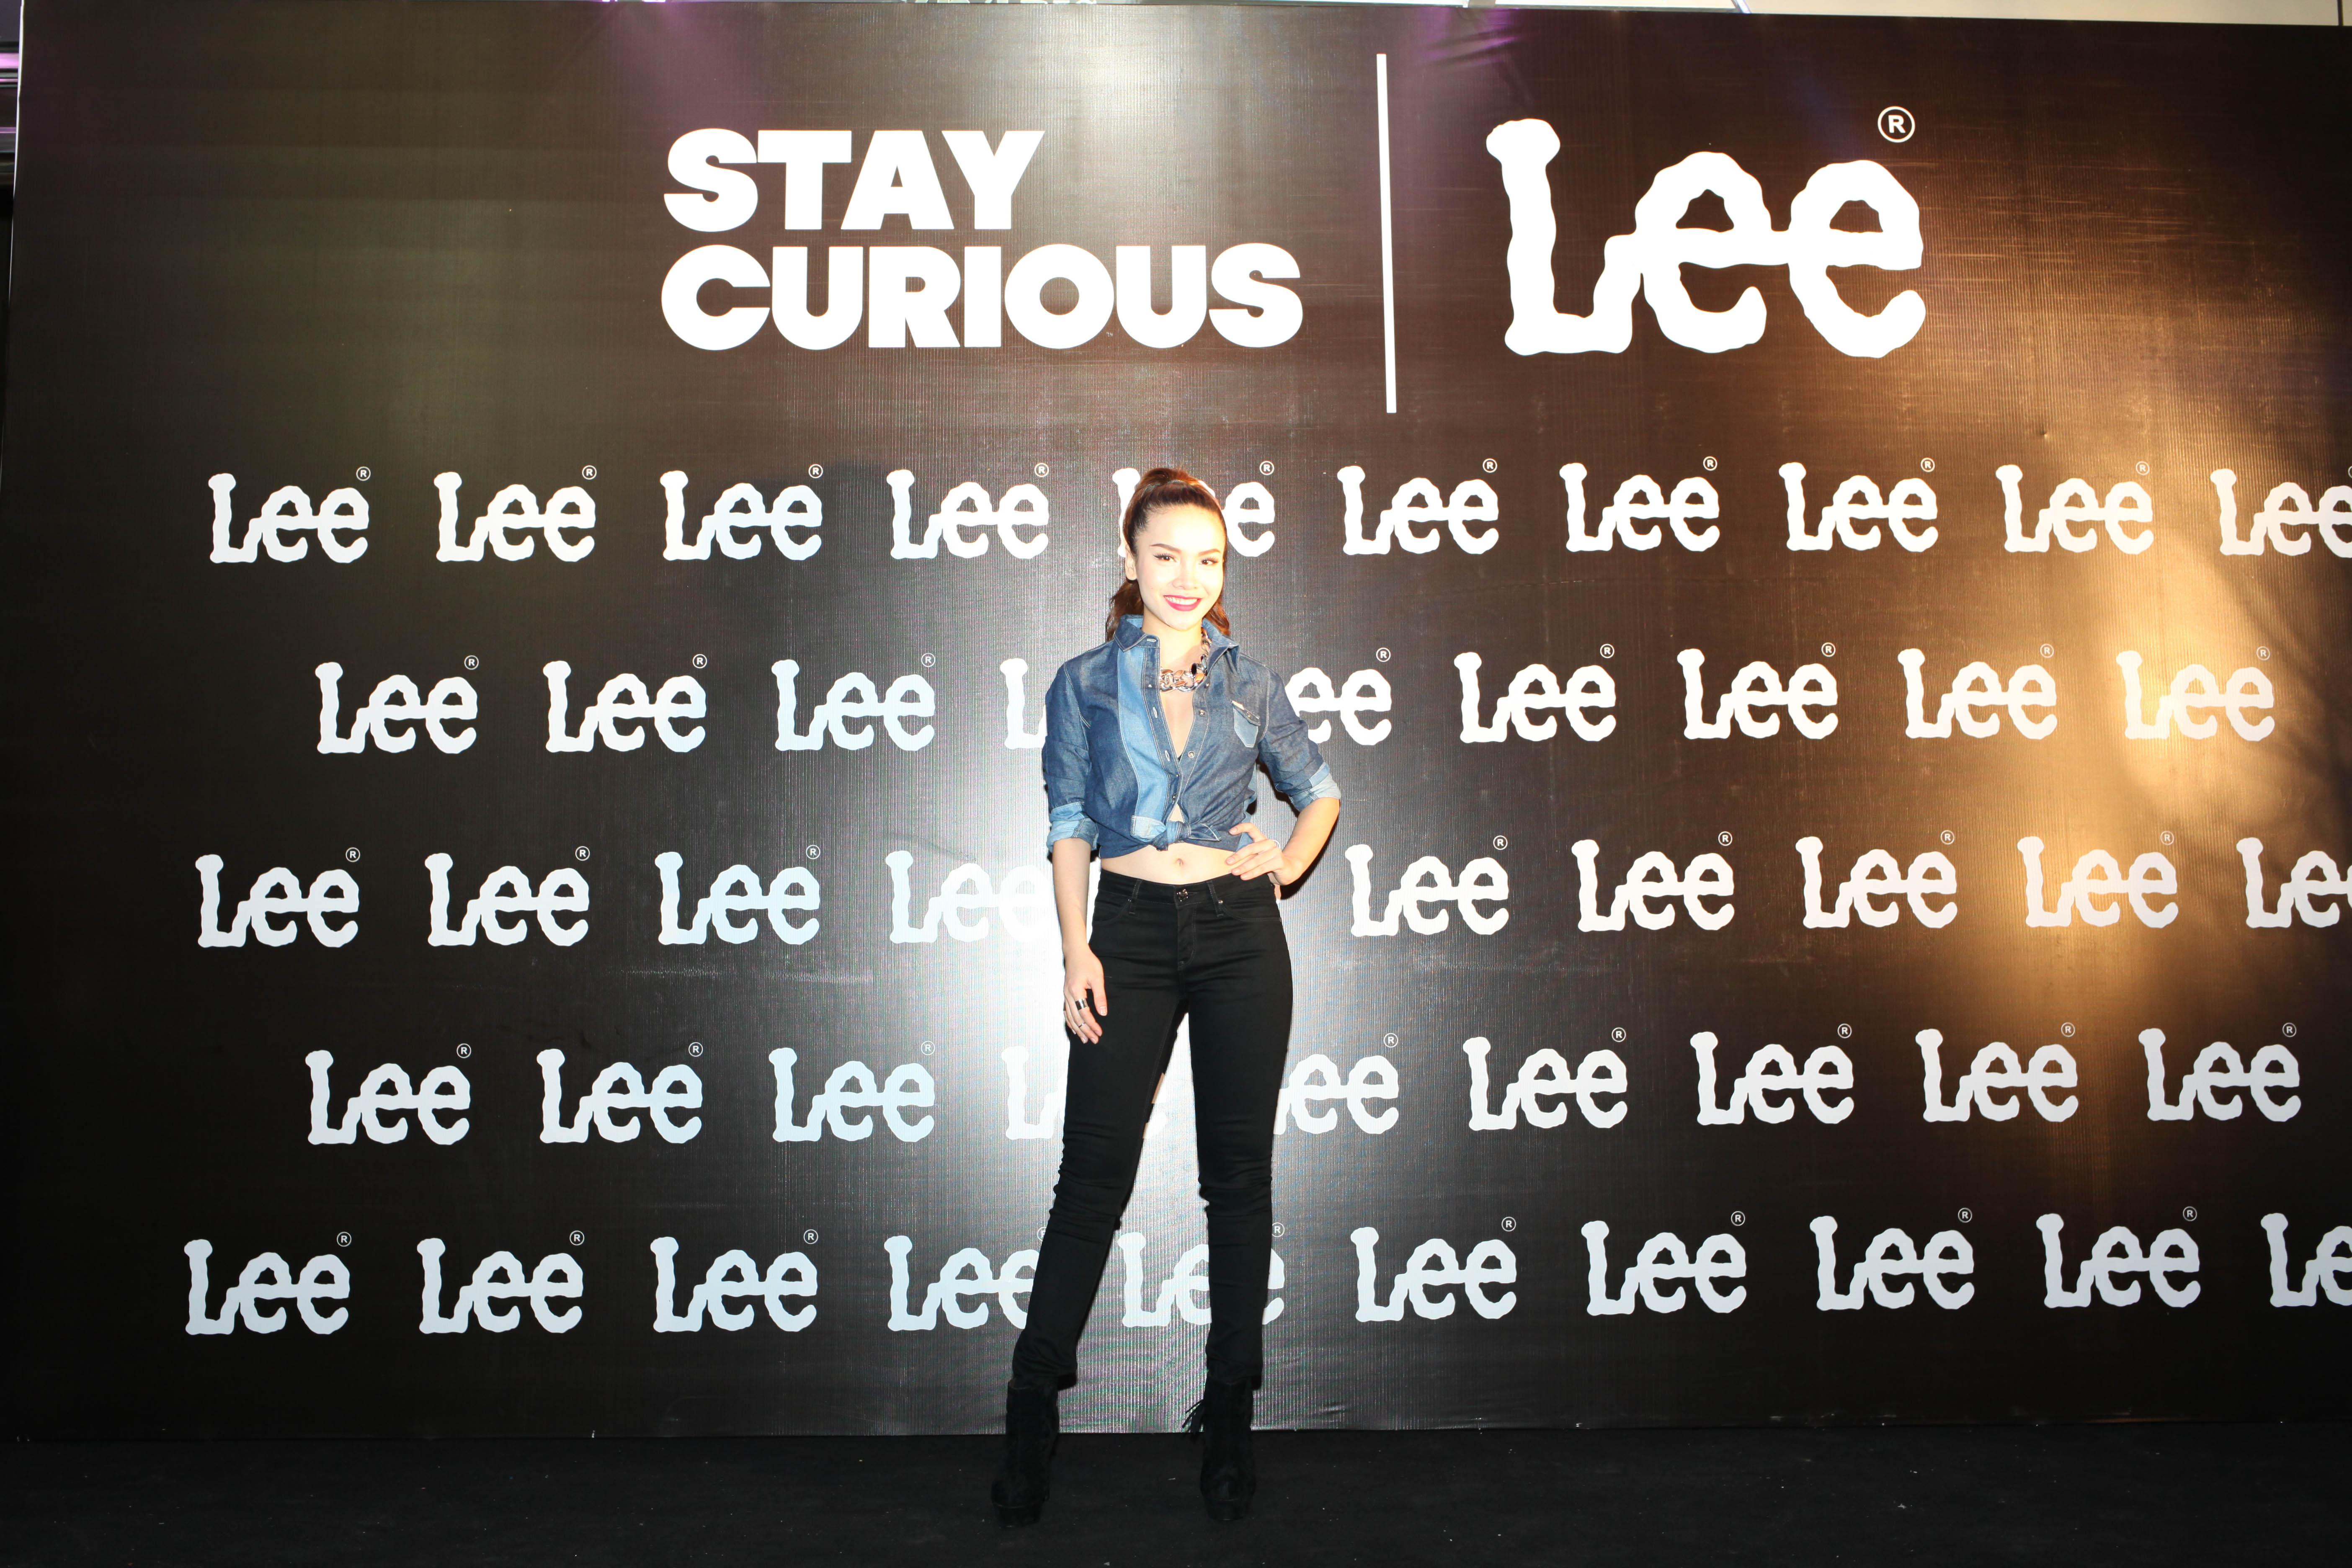 Maya khoe đường cong gợi cảm trong trang phục Jean Lee 2